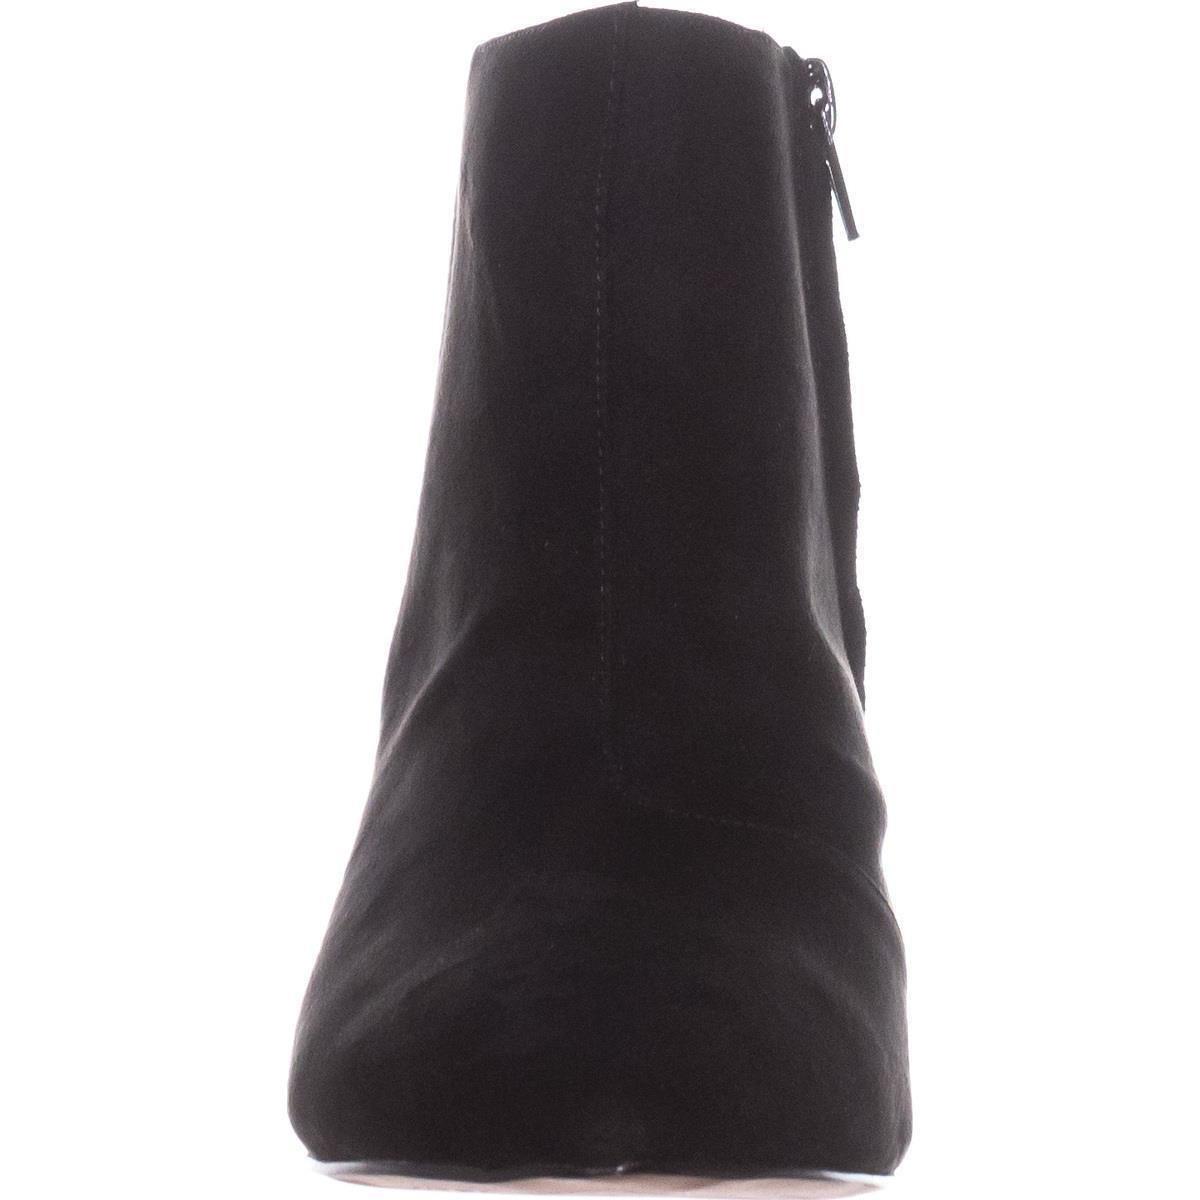 Black Bottes Eu Taille 6 Concepts Inc Couleur Femmes Noir Us International 37 Y1qgBTxWf